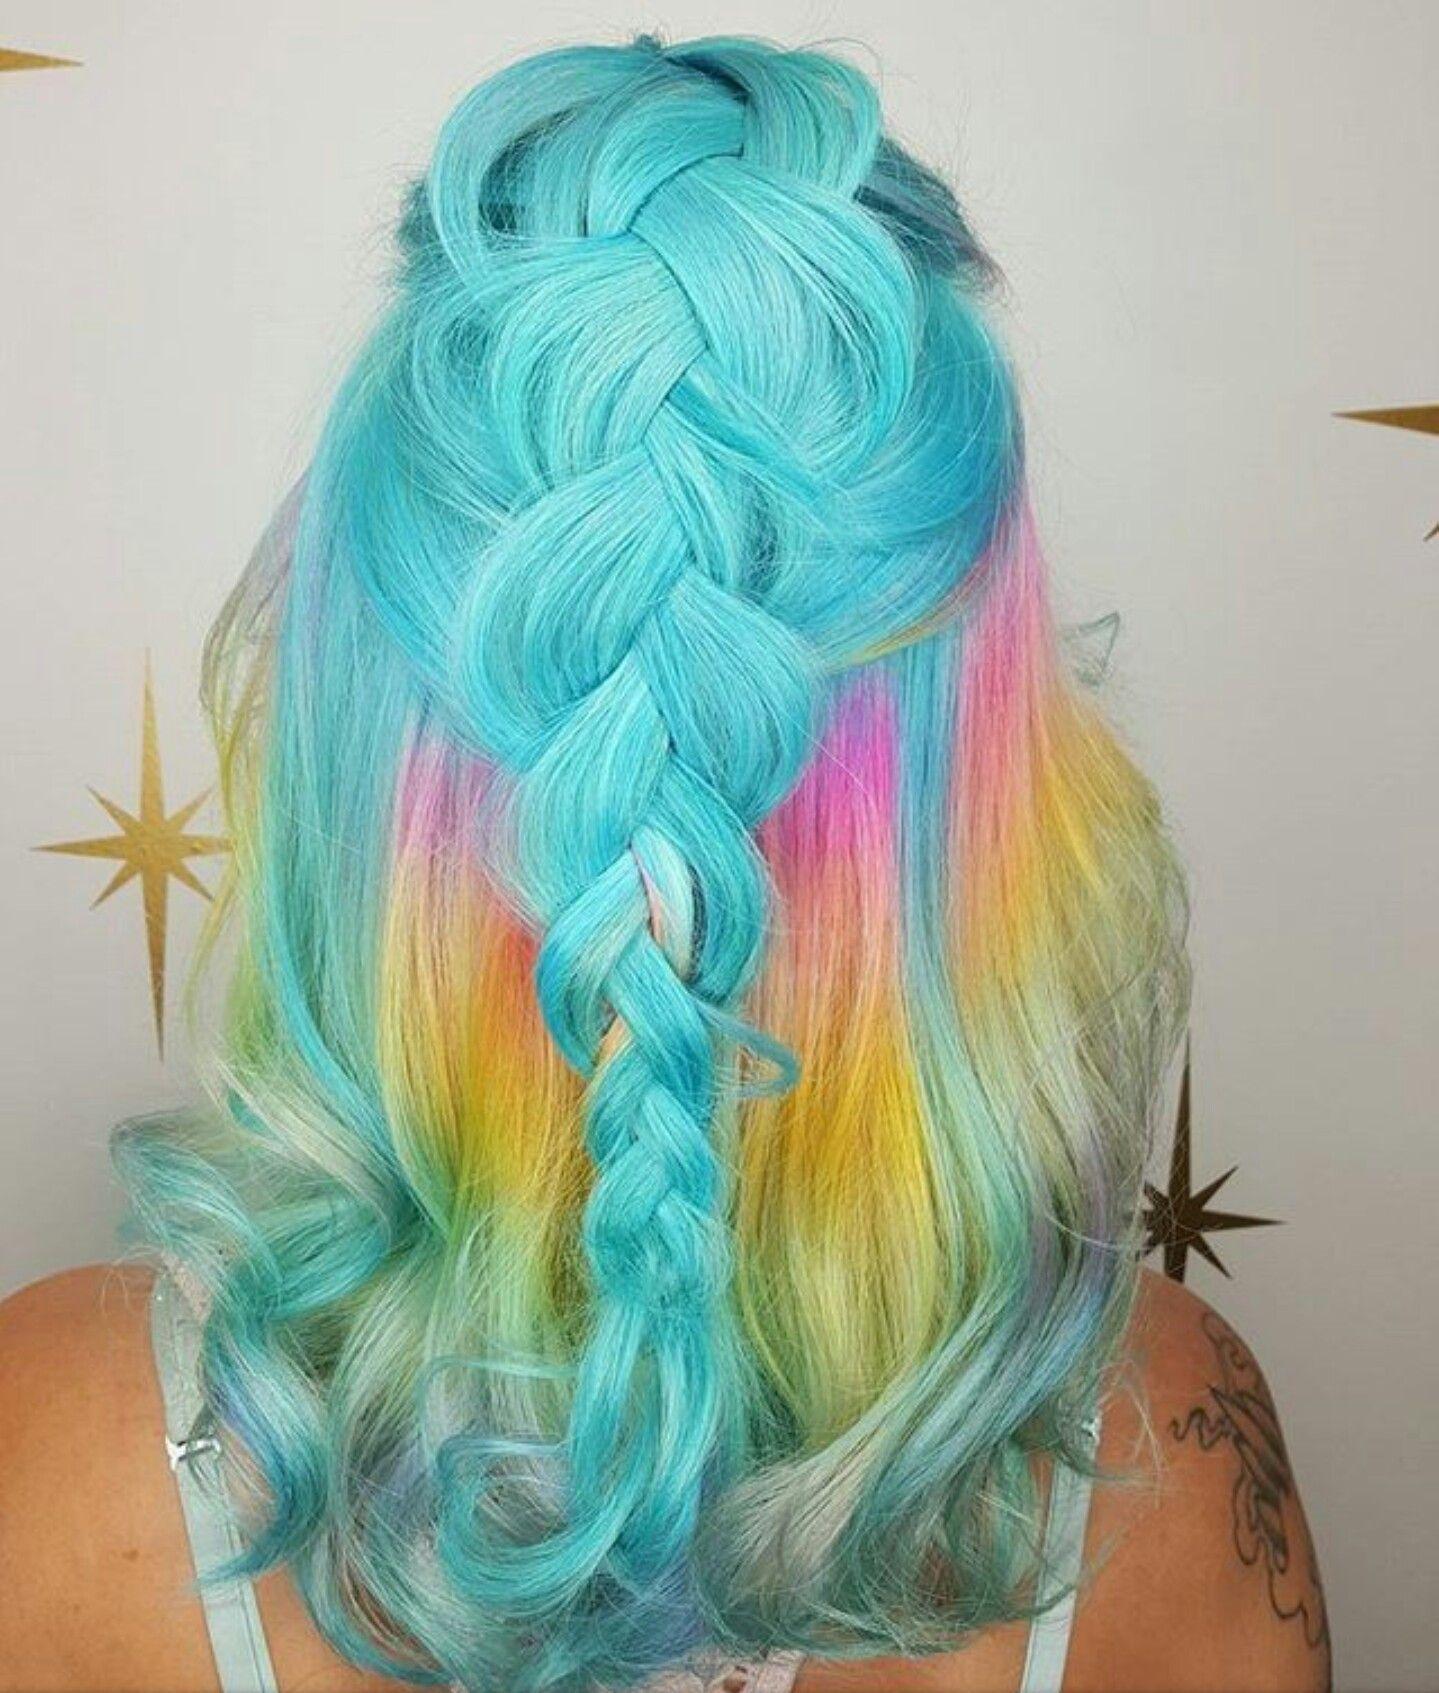 Cabelo azul e arcoíris crazy hair pinterest hair coloring